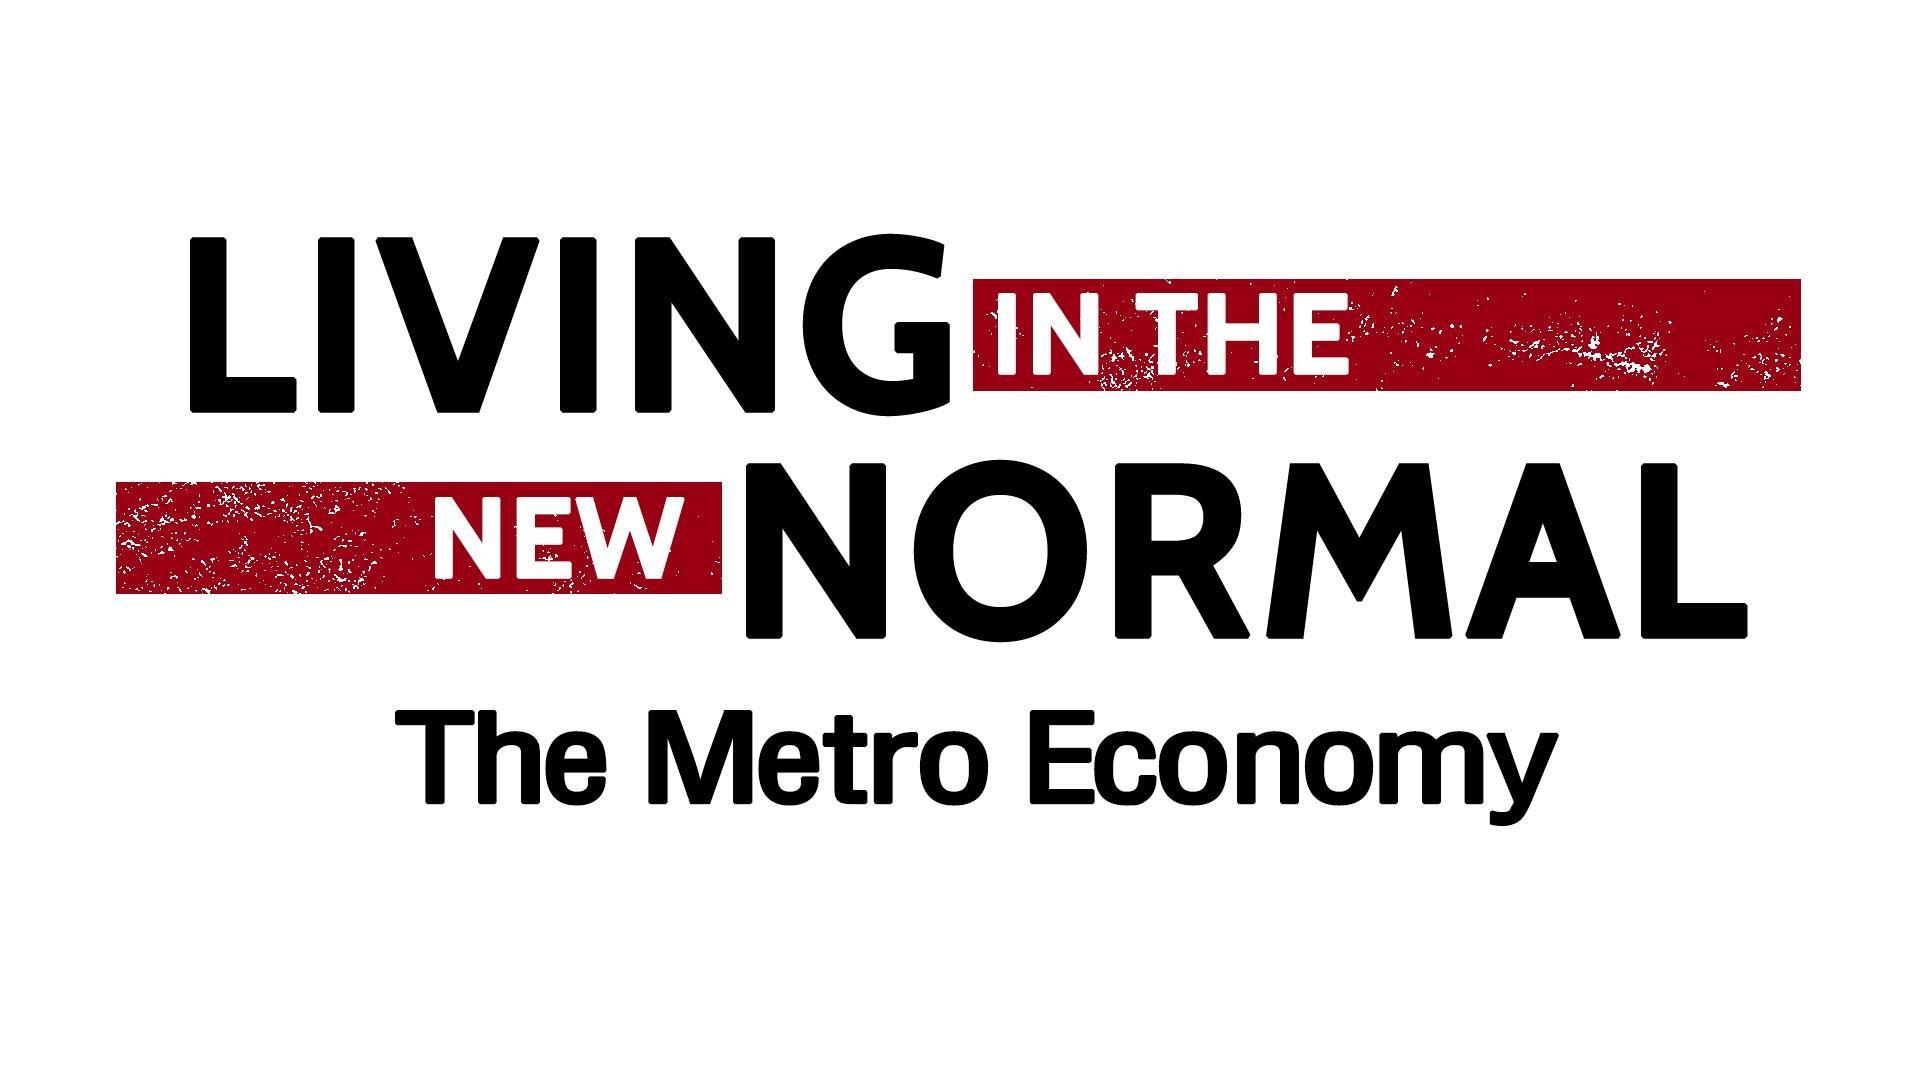 The Metro Economy